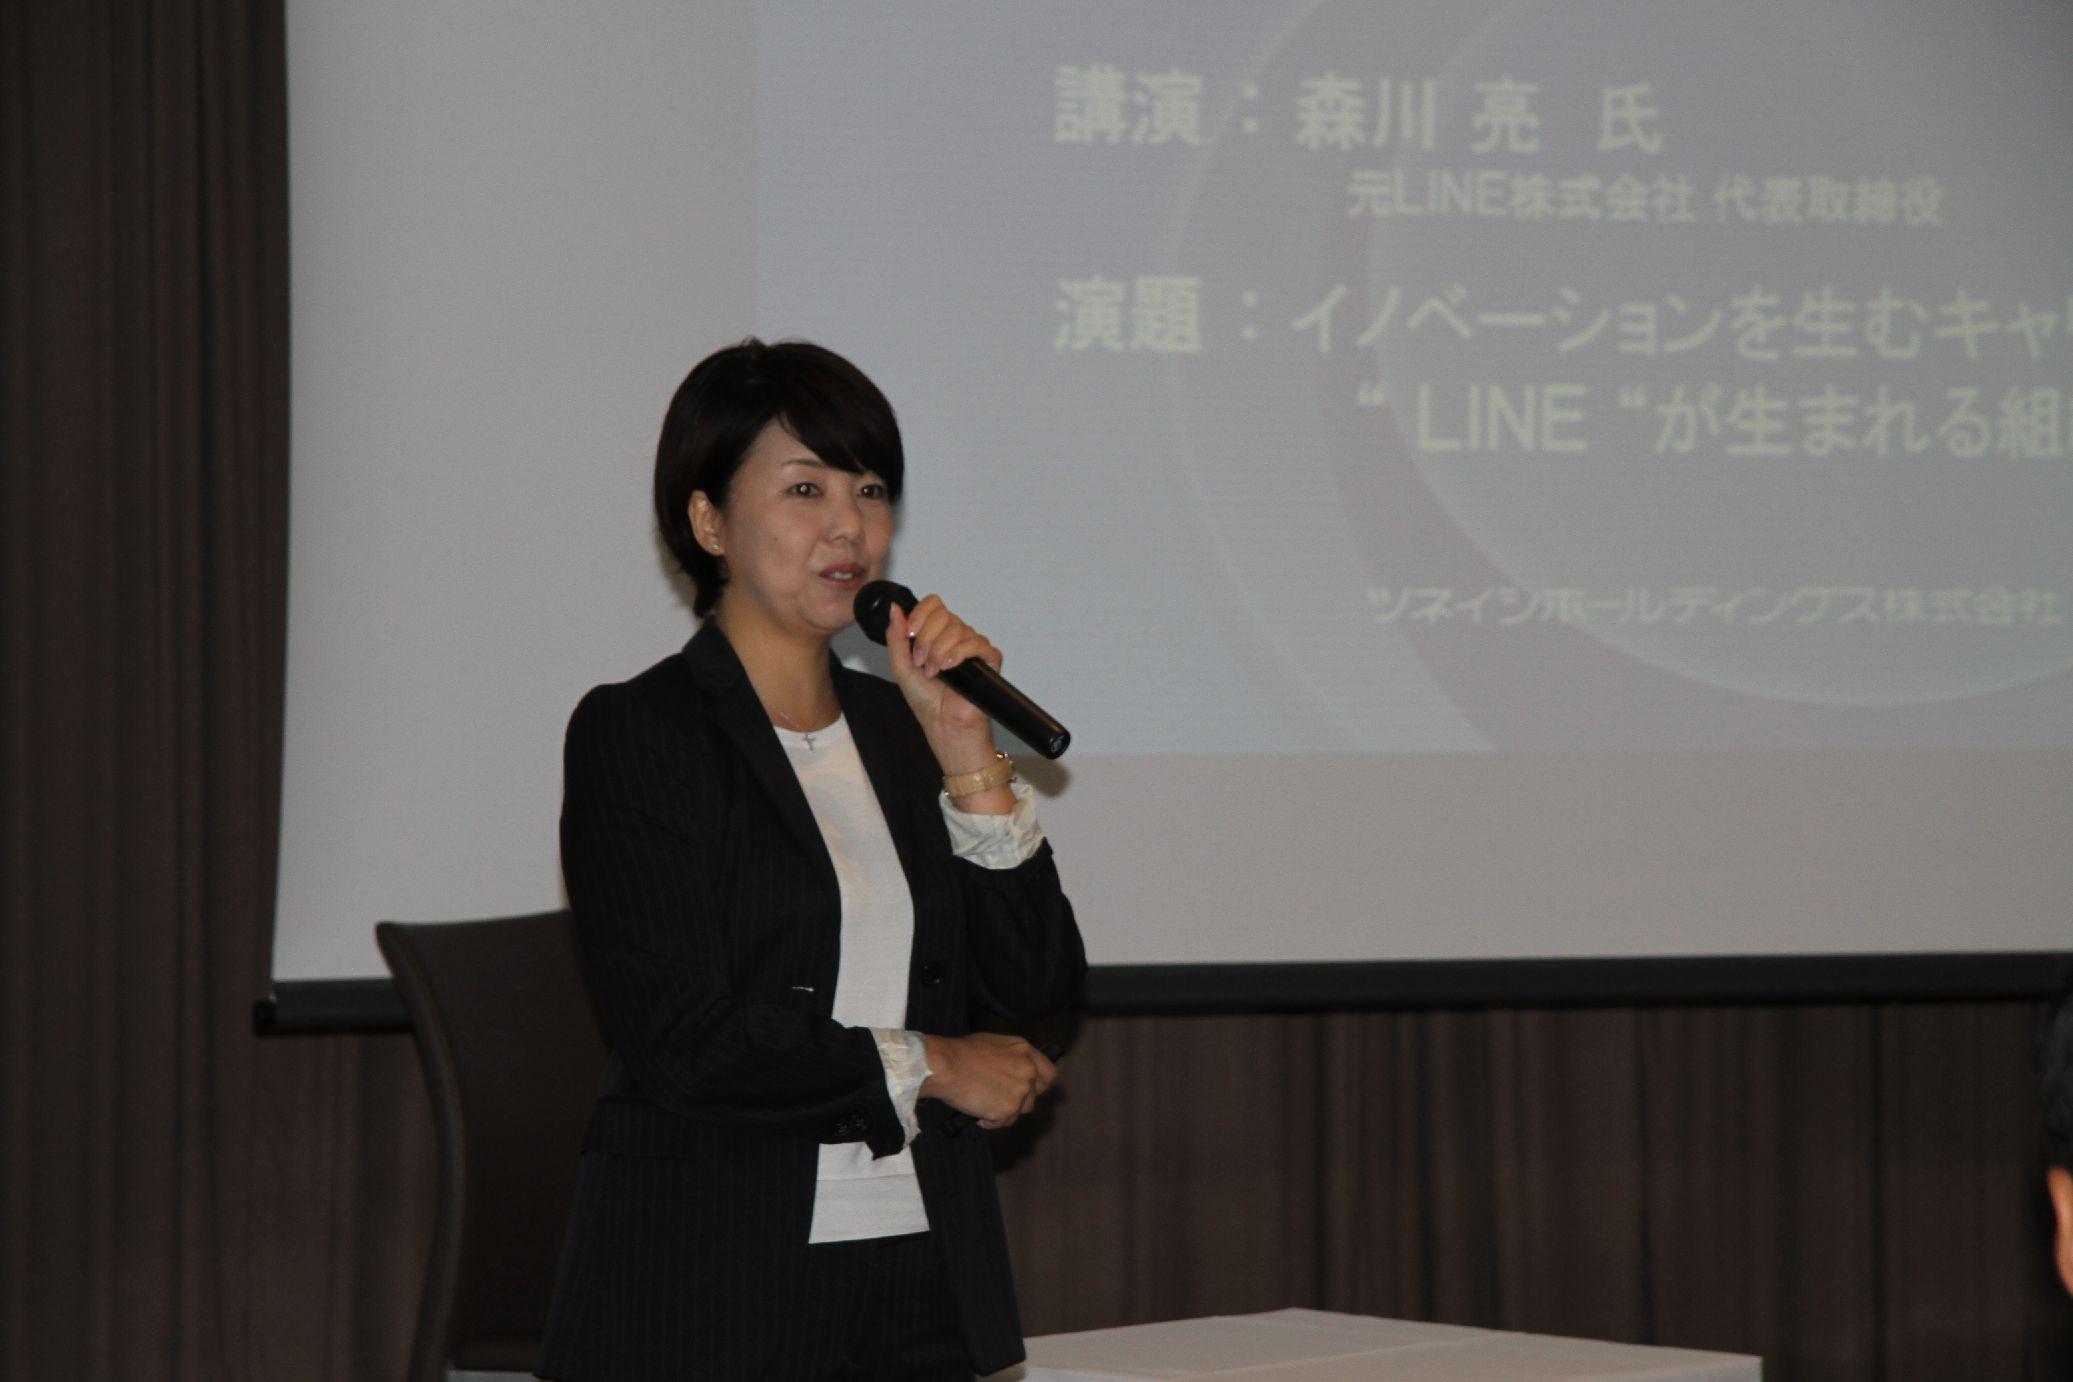 ツネイシホールディングス 末松弥奈子代表取締役専務